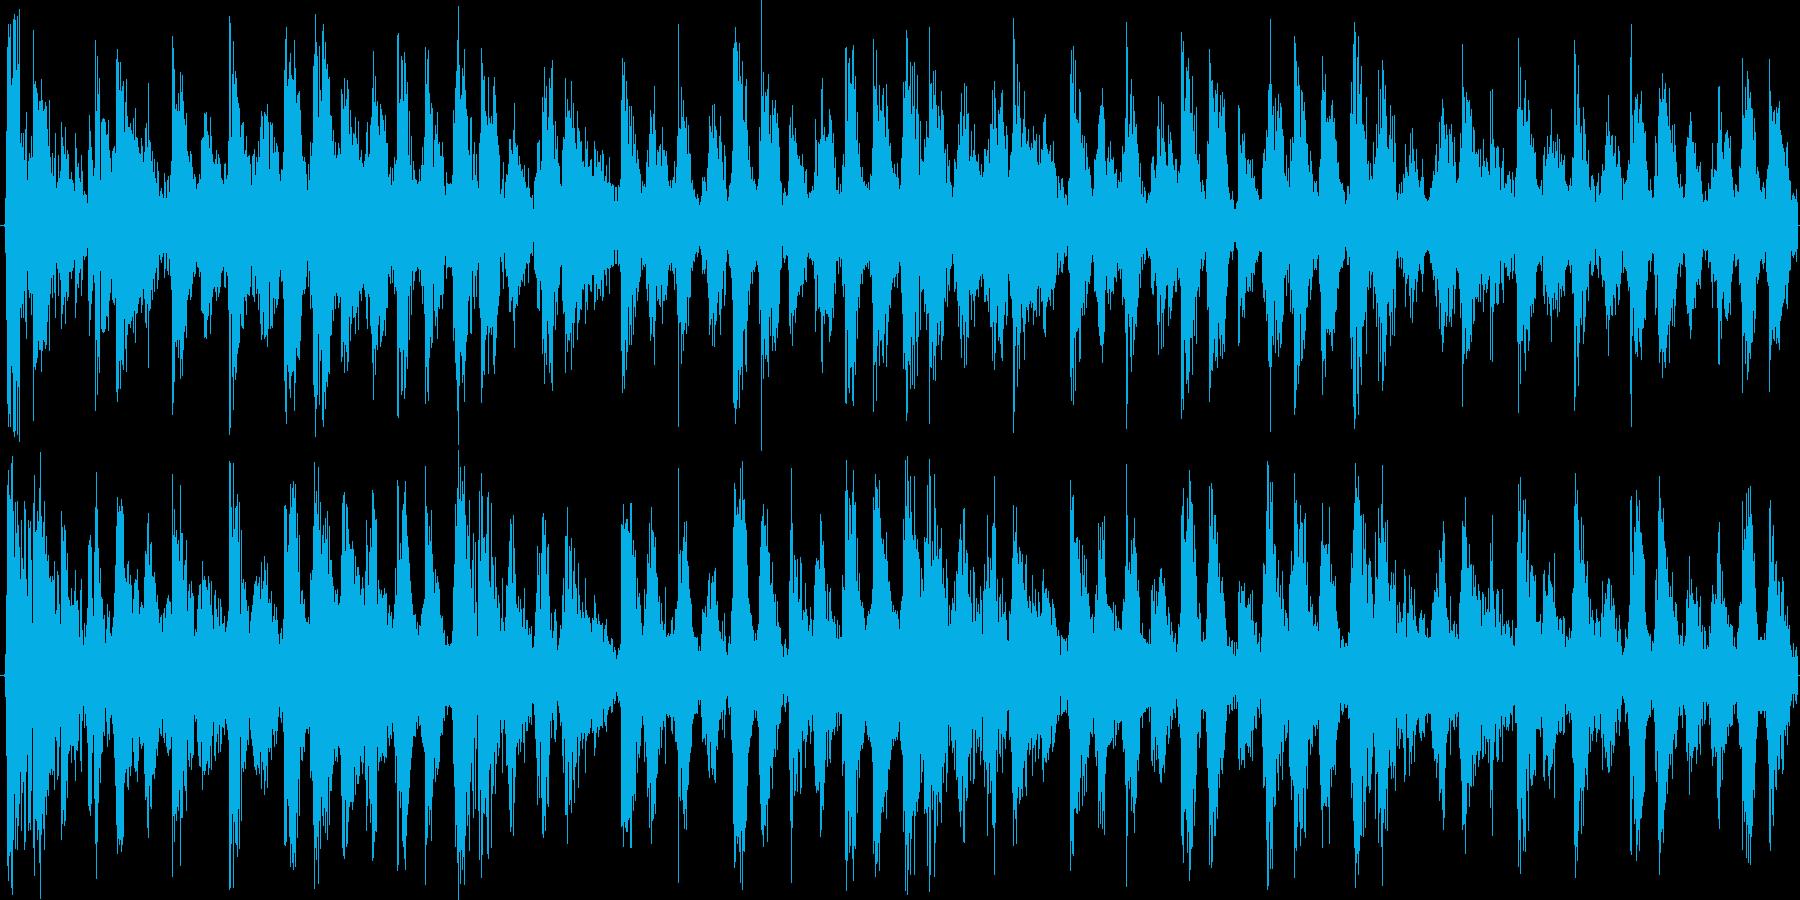 打楽器が特徴のミステリアスな民族風テクノの再生済みの波形